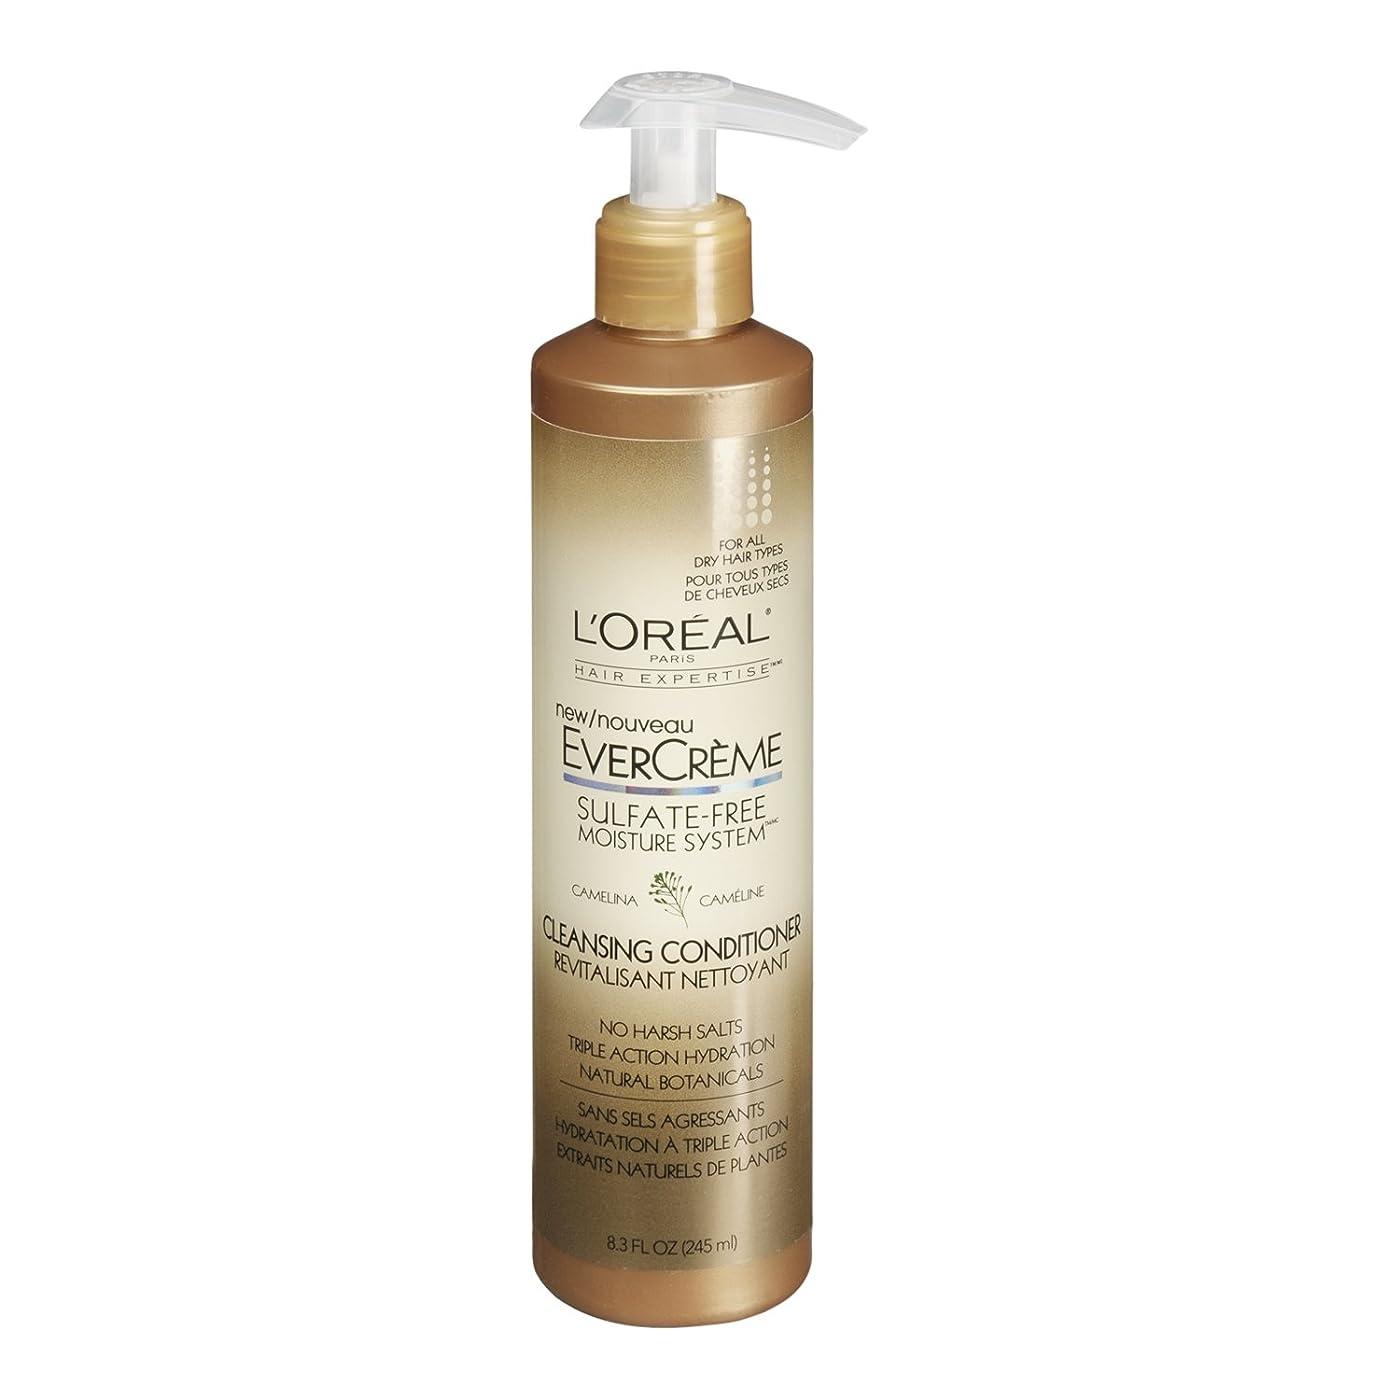 現在涙が出るで出来ているL'Oreal Paris EverCreme Sulfate-Free Moisture System Cleansing Conditioner, 8.3 fl. Oz. by L'Oreal Paris Hair Care [並行輸入品]